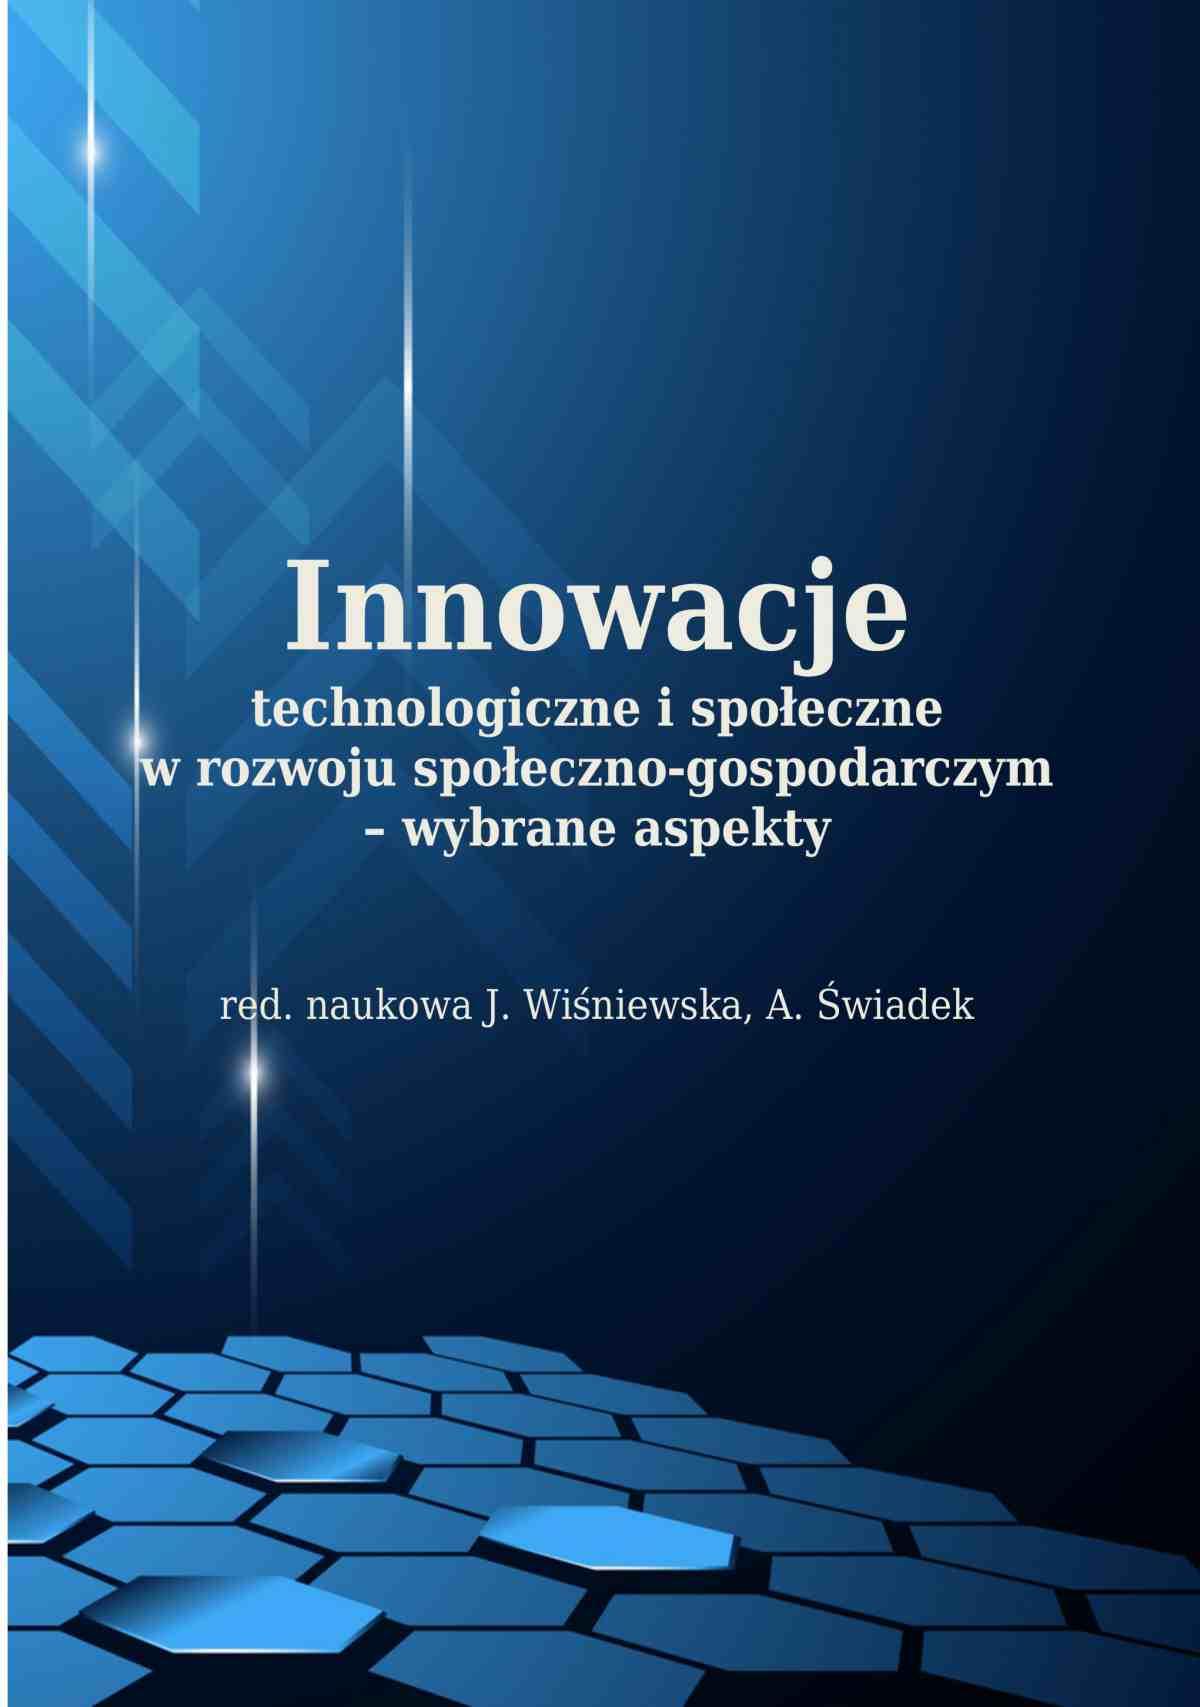 Innowacje technologiczne i społeczne w rozwoju społeczno-gospodarczym – wybrane aspekty - Ebook (Książka PDF) do pobrania w formacie PDF